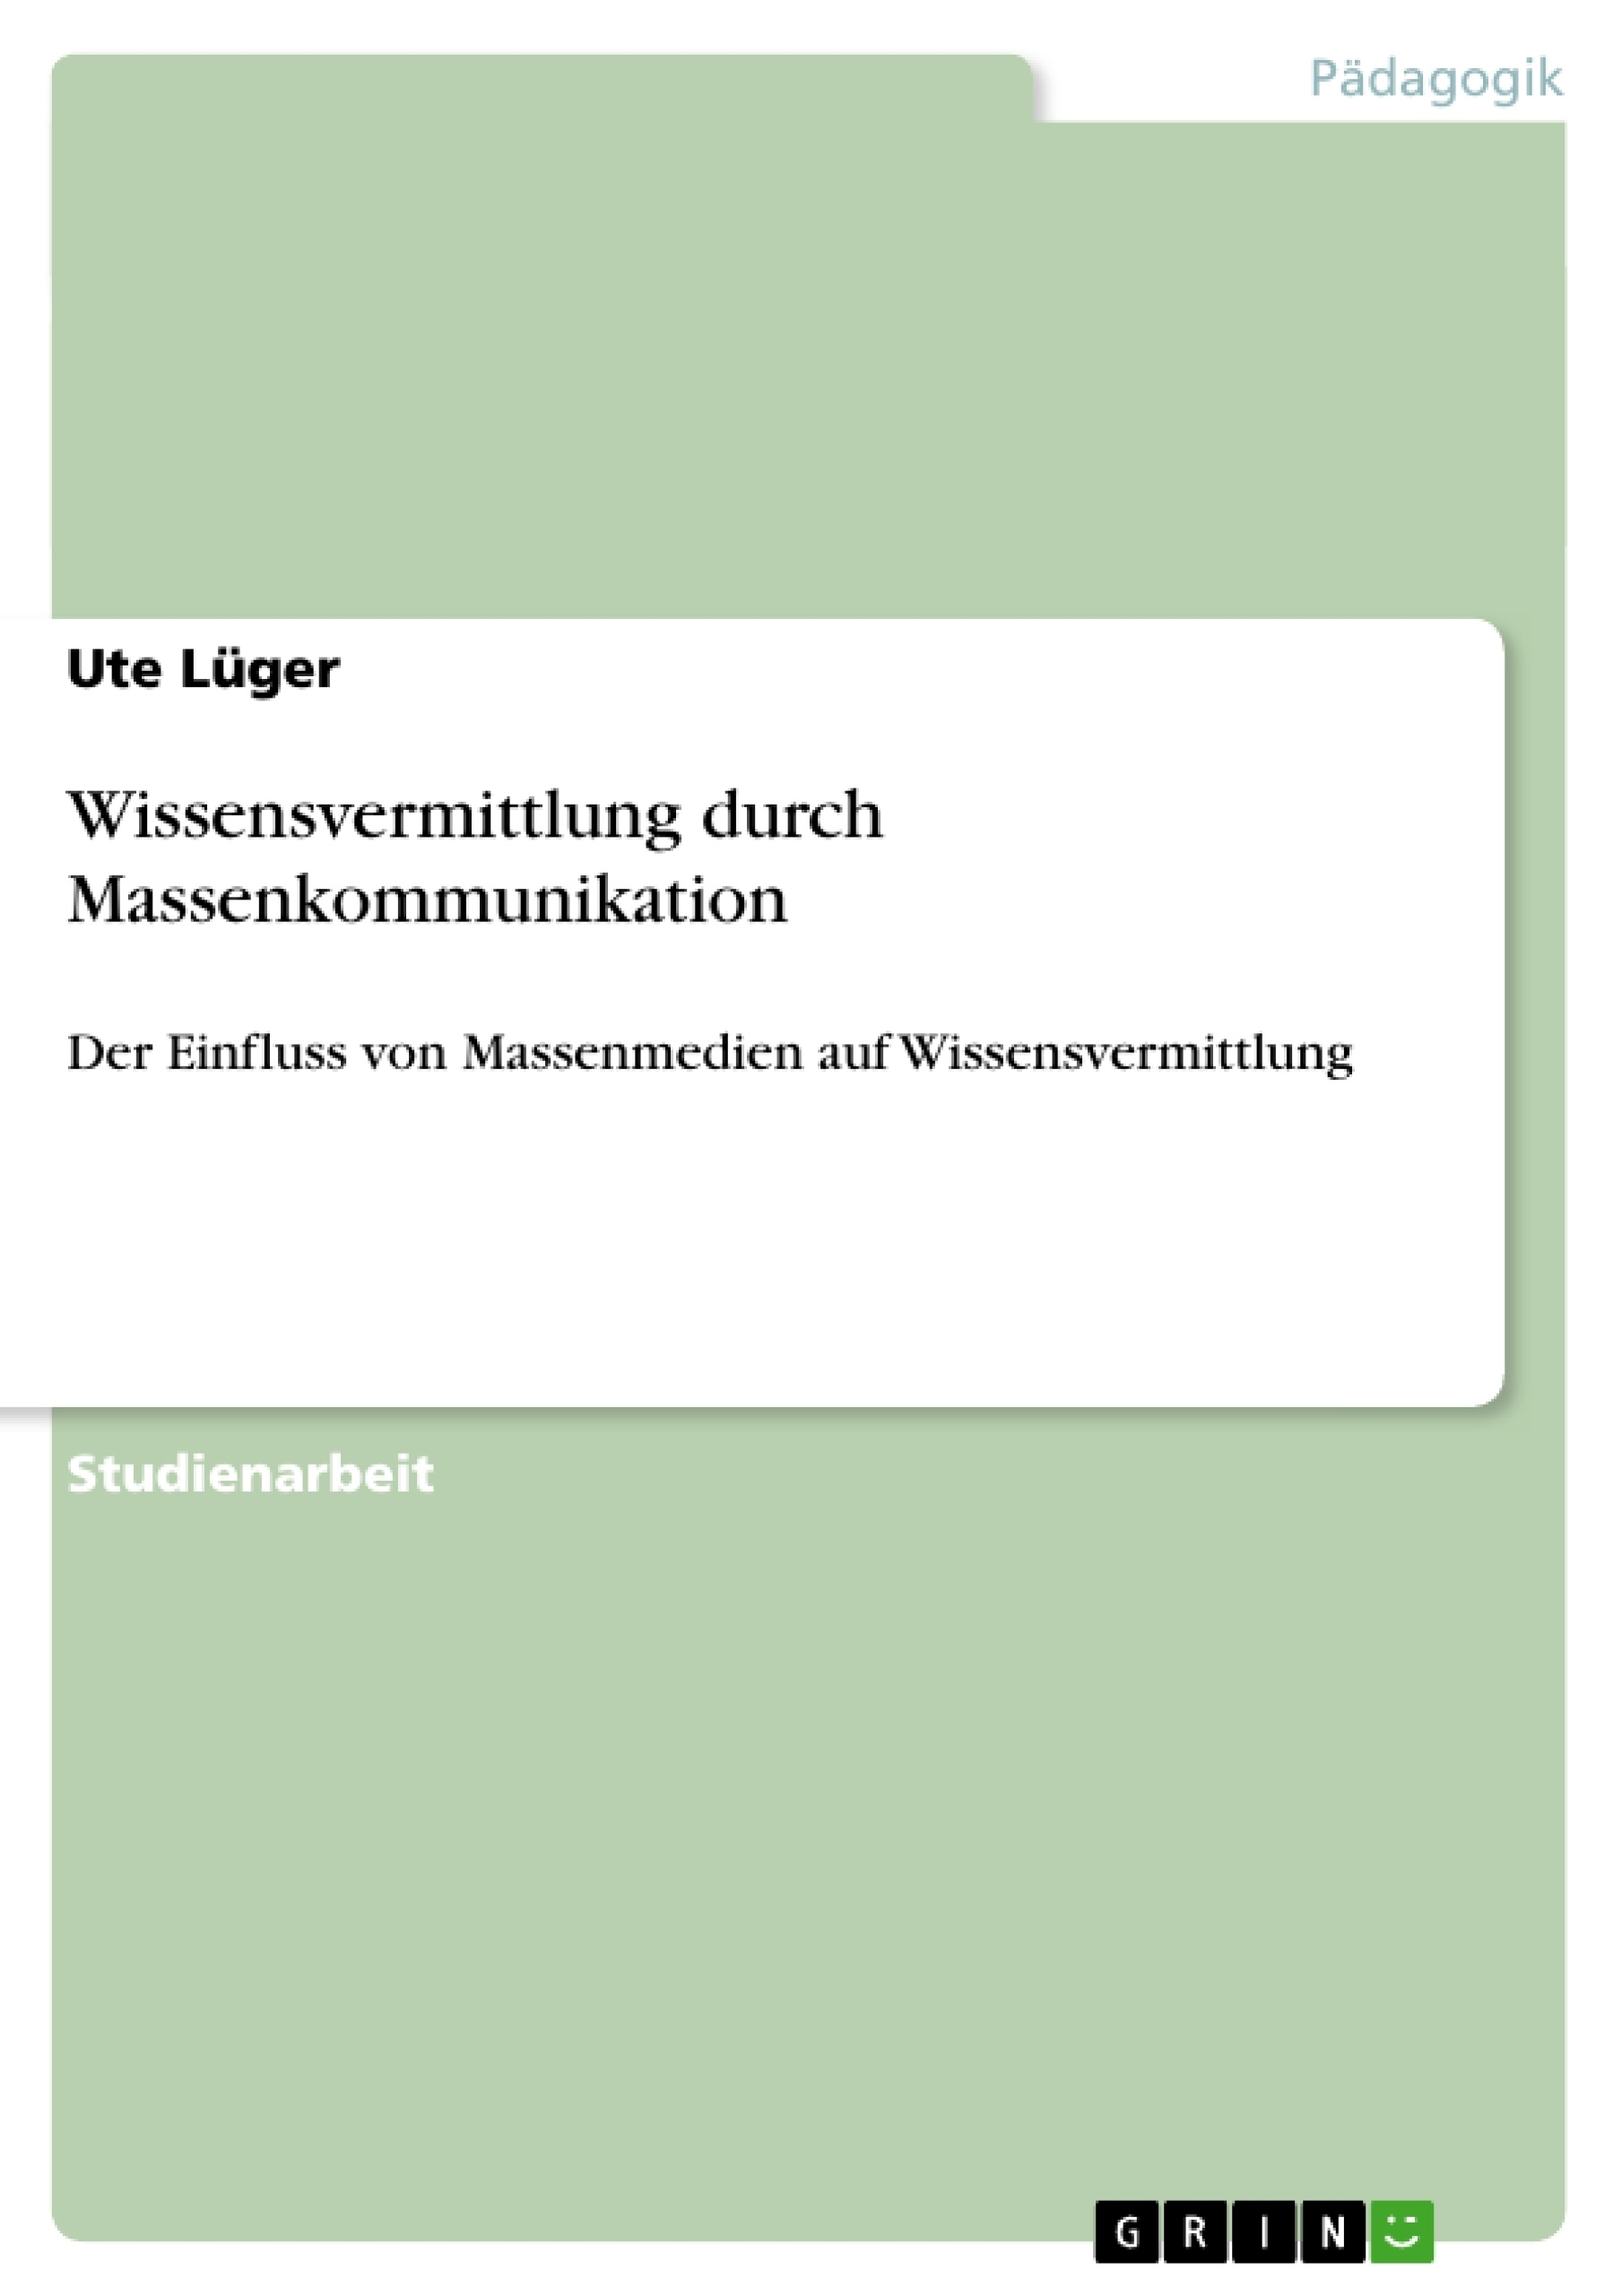 Titel: Wissensvermittlung durch Massenkommunikation